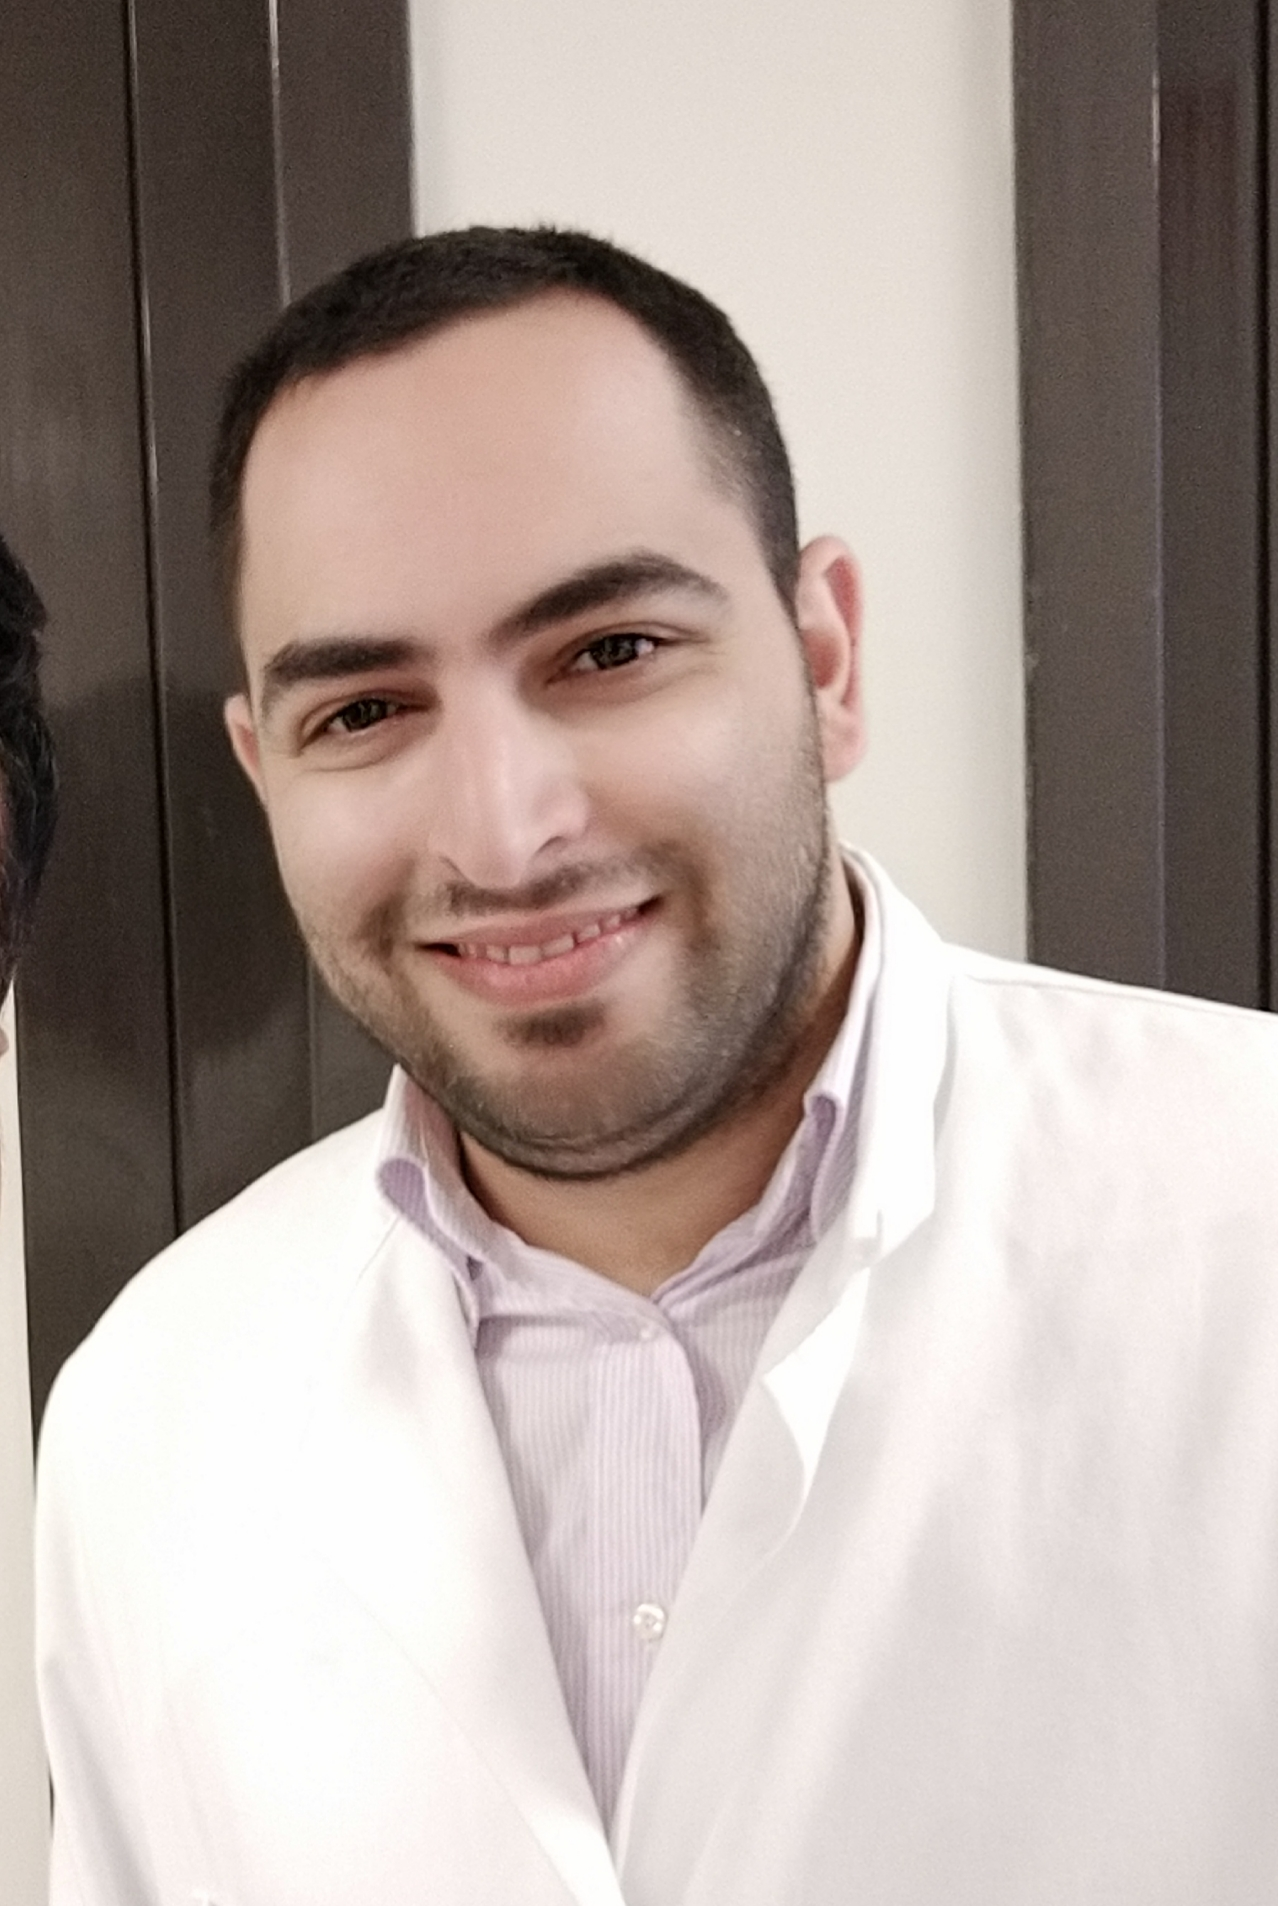 """ד""""ר מוחמד כתאנה מומחה בכירורגיה אורתופדית"""